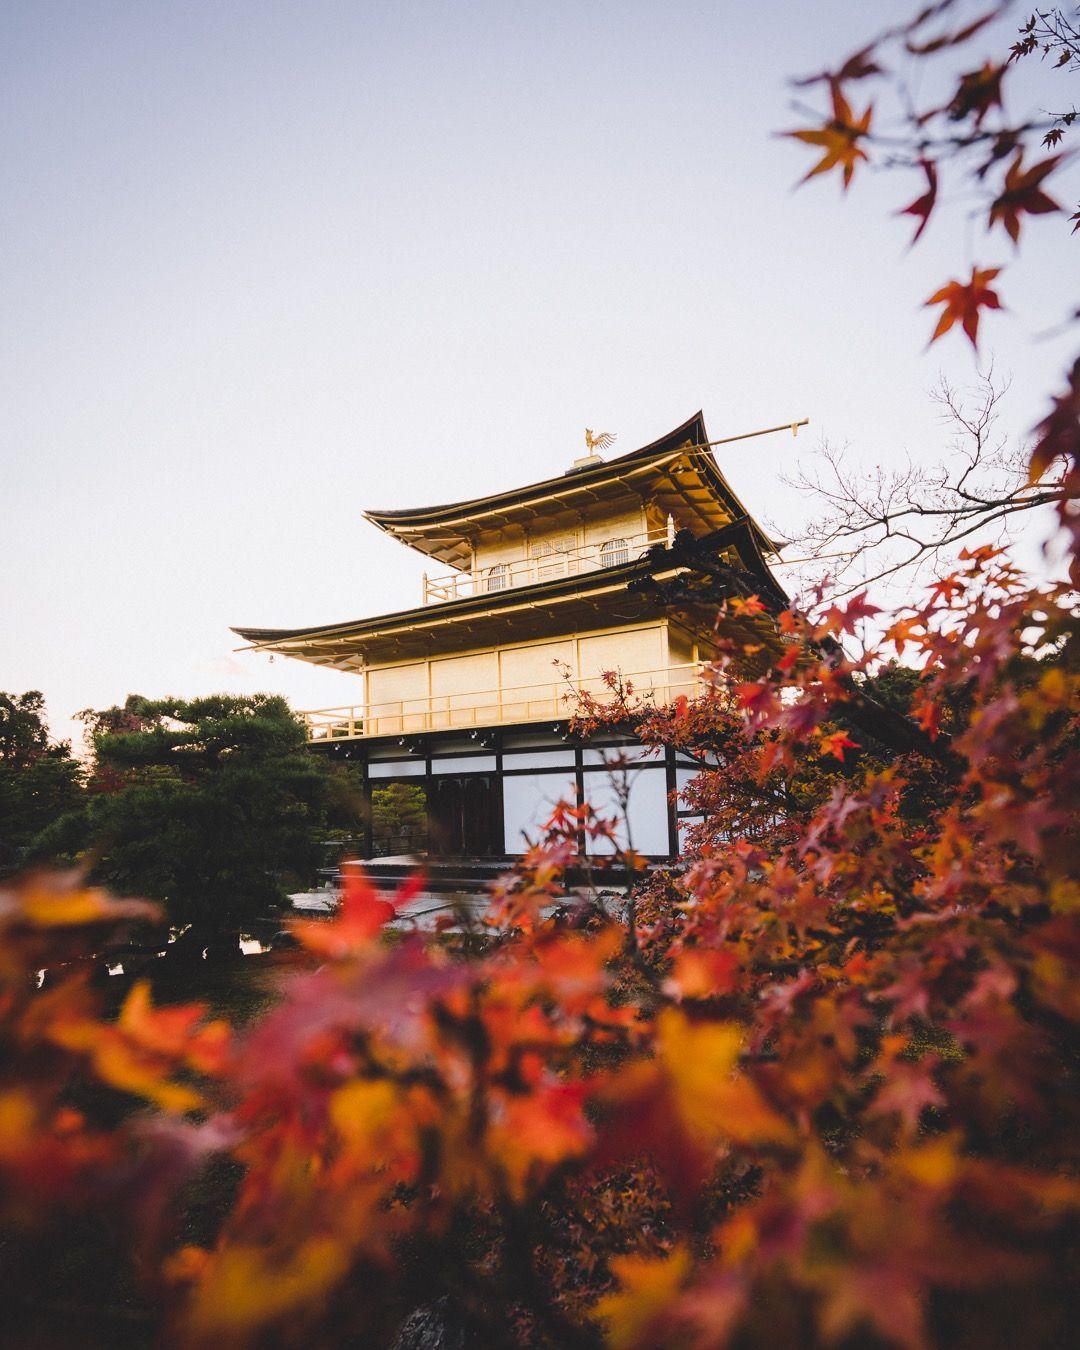 Kinkakuji in Japan